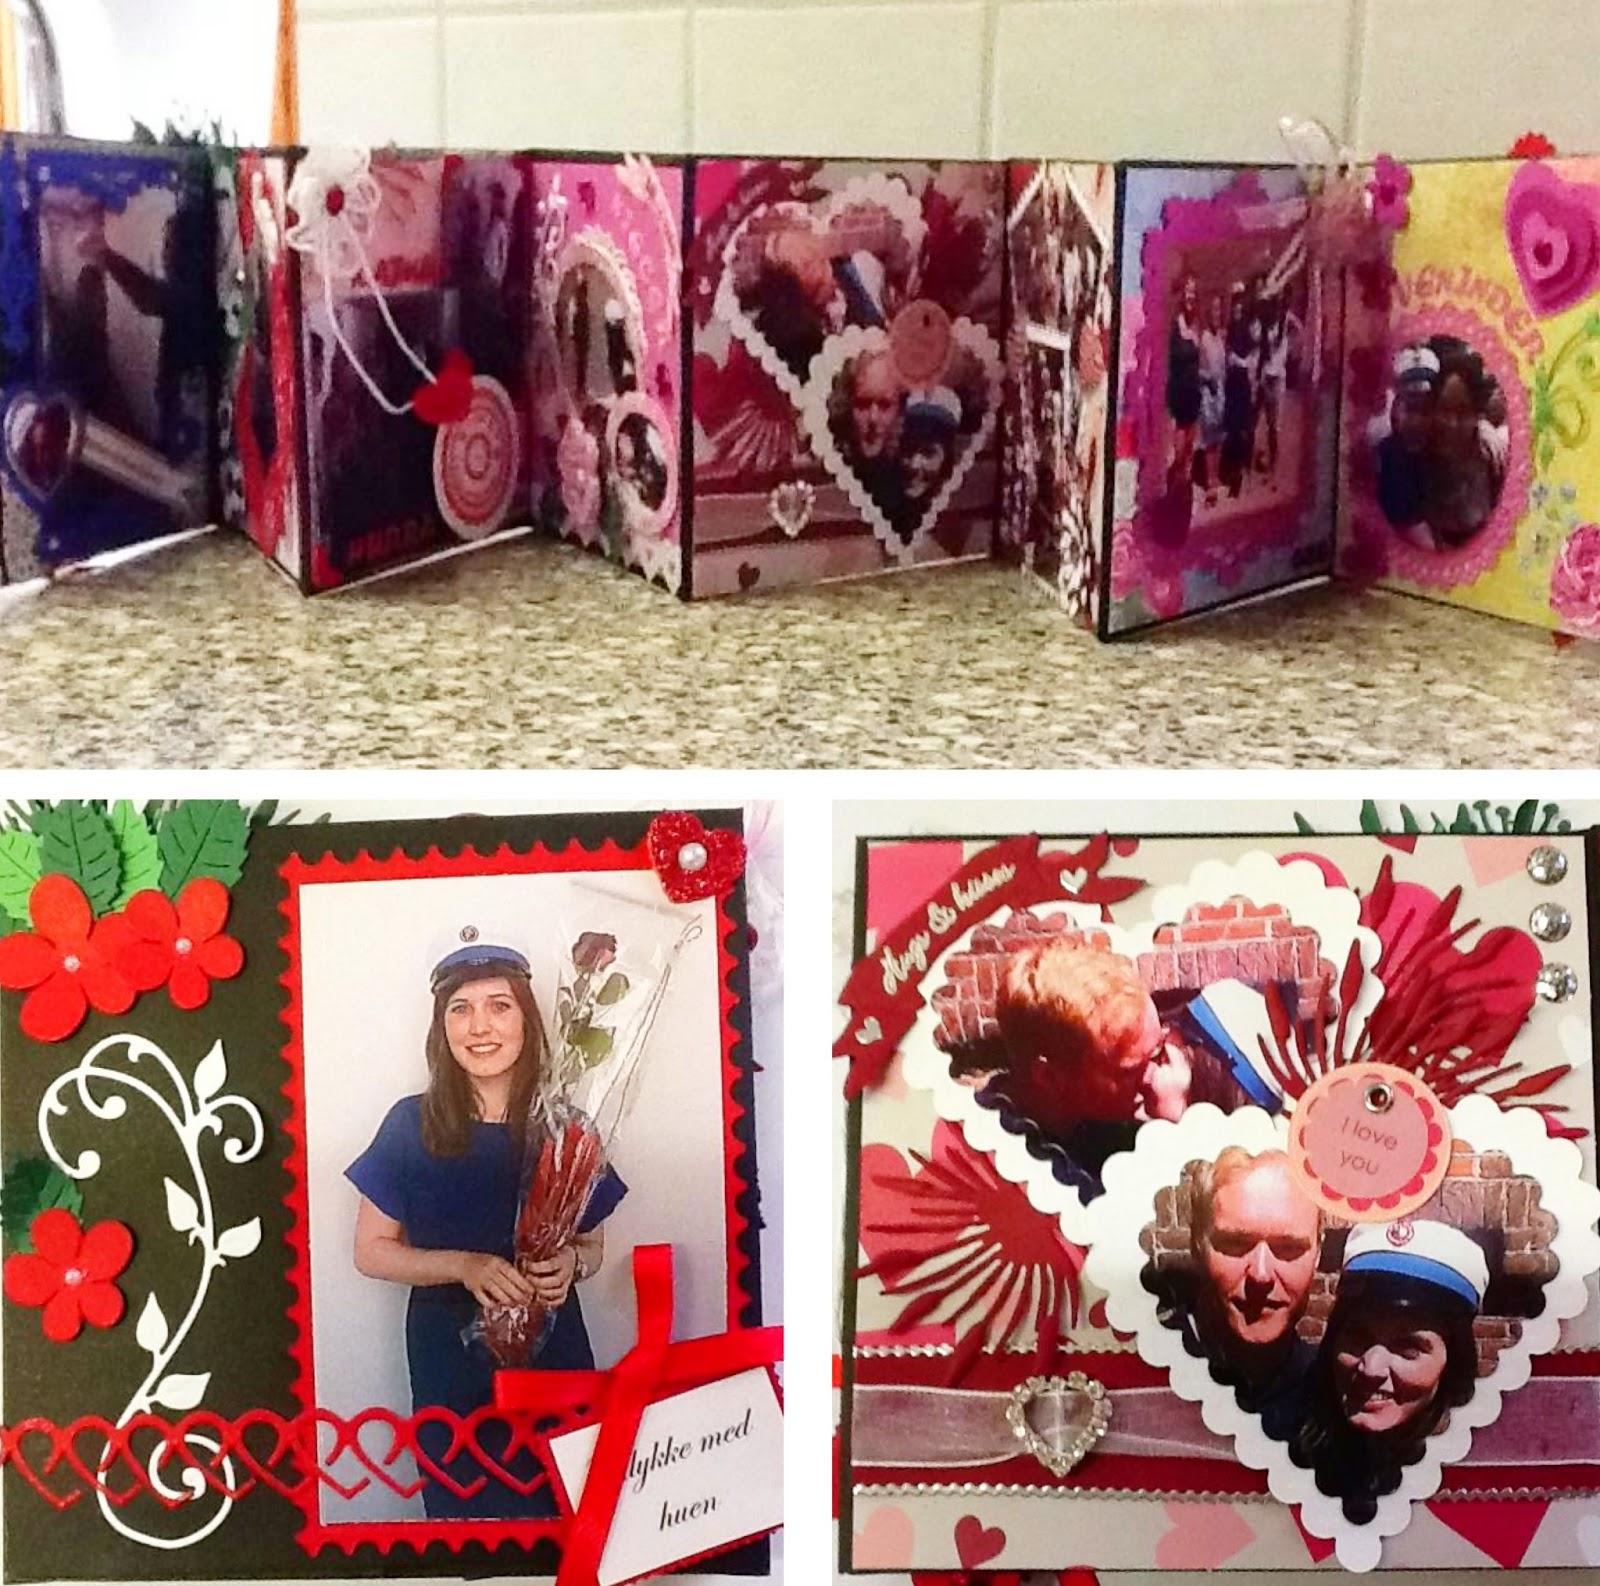 hjemmelavet, student, kort, kreativ, minialbum, fotoalbum, foto, billeder, album, studine, sommer, kærlighed, kærester, mor, forkælelse, gave,